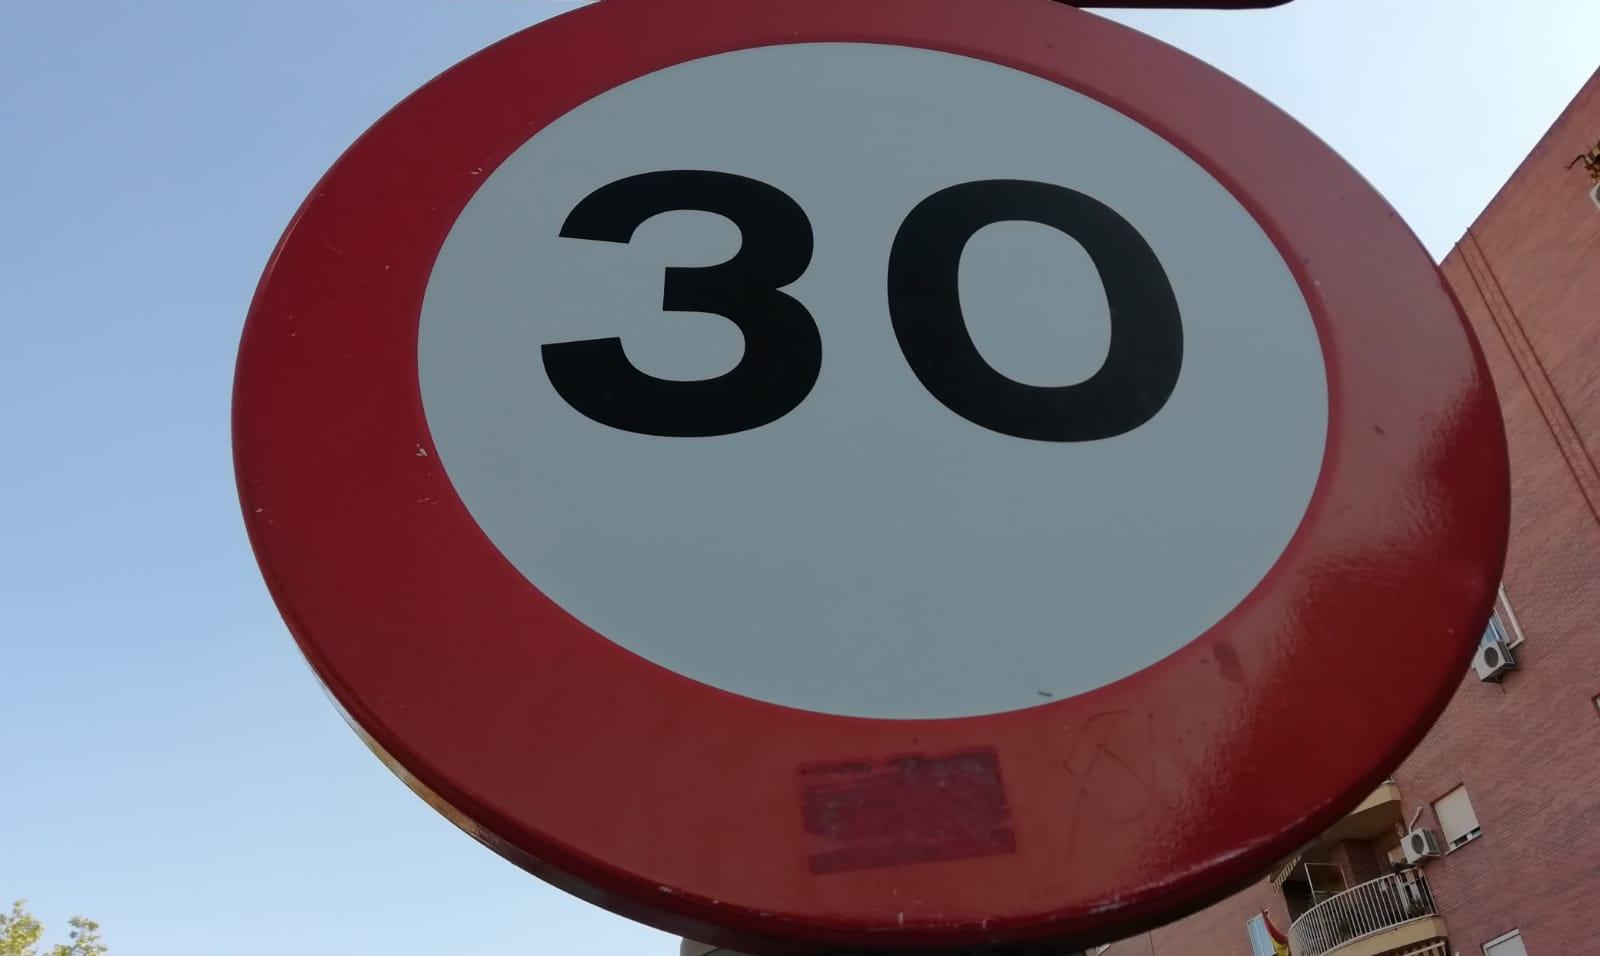 Expertos y asociaciones de conductores dudan sobre la repercusión medioambiental de la 'Zona 30'